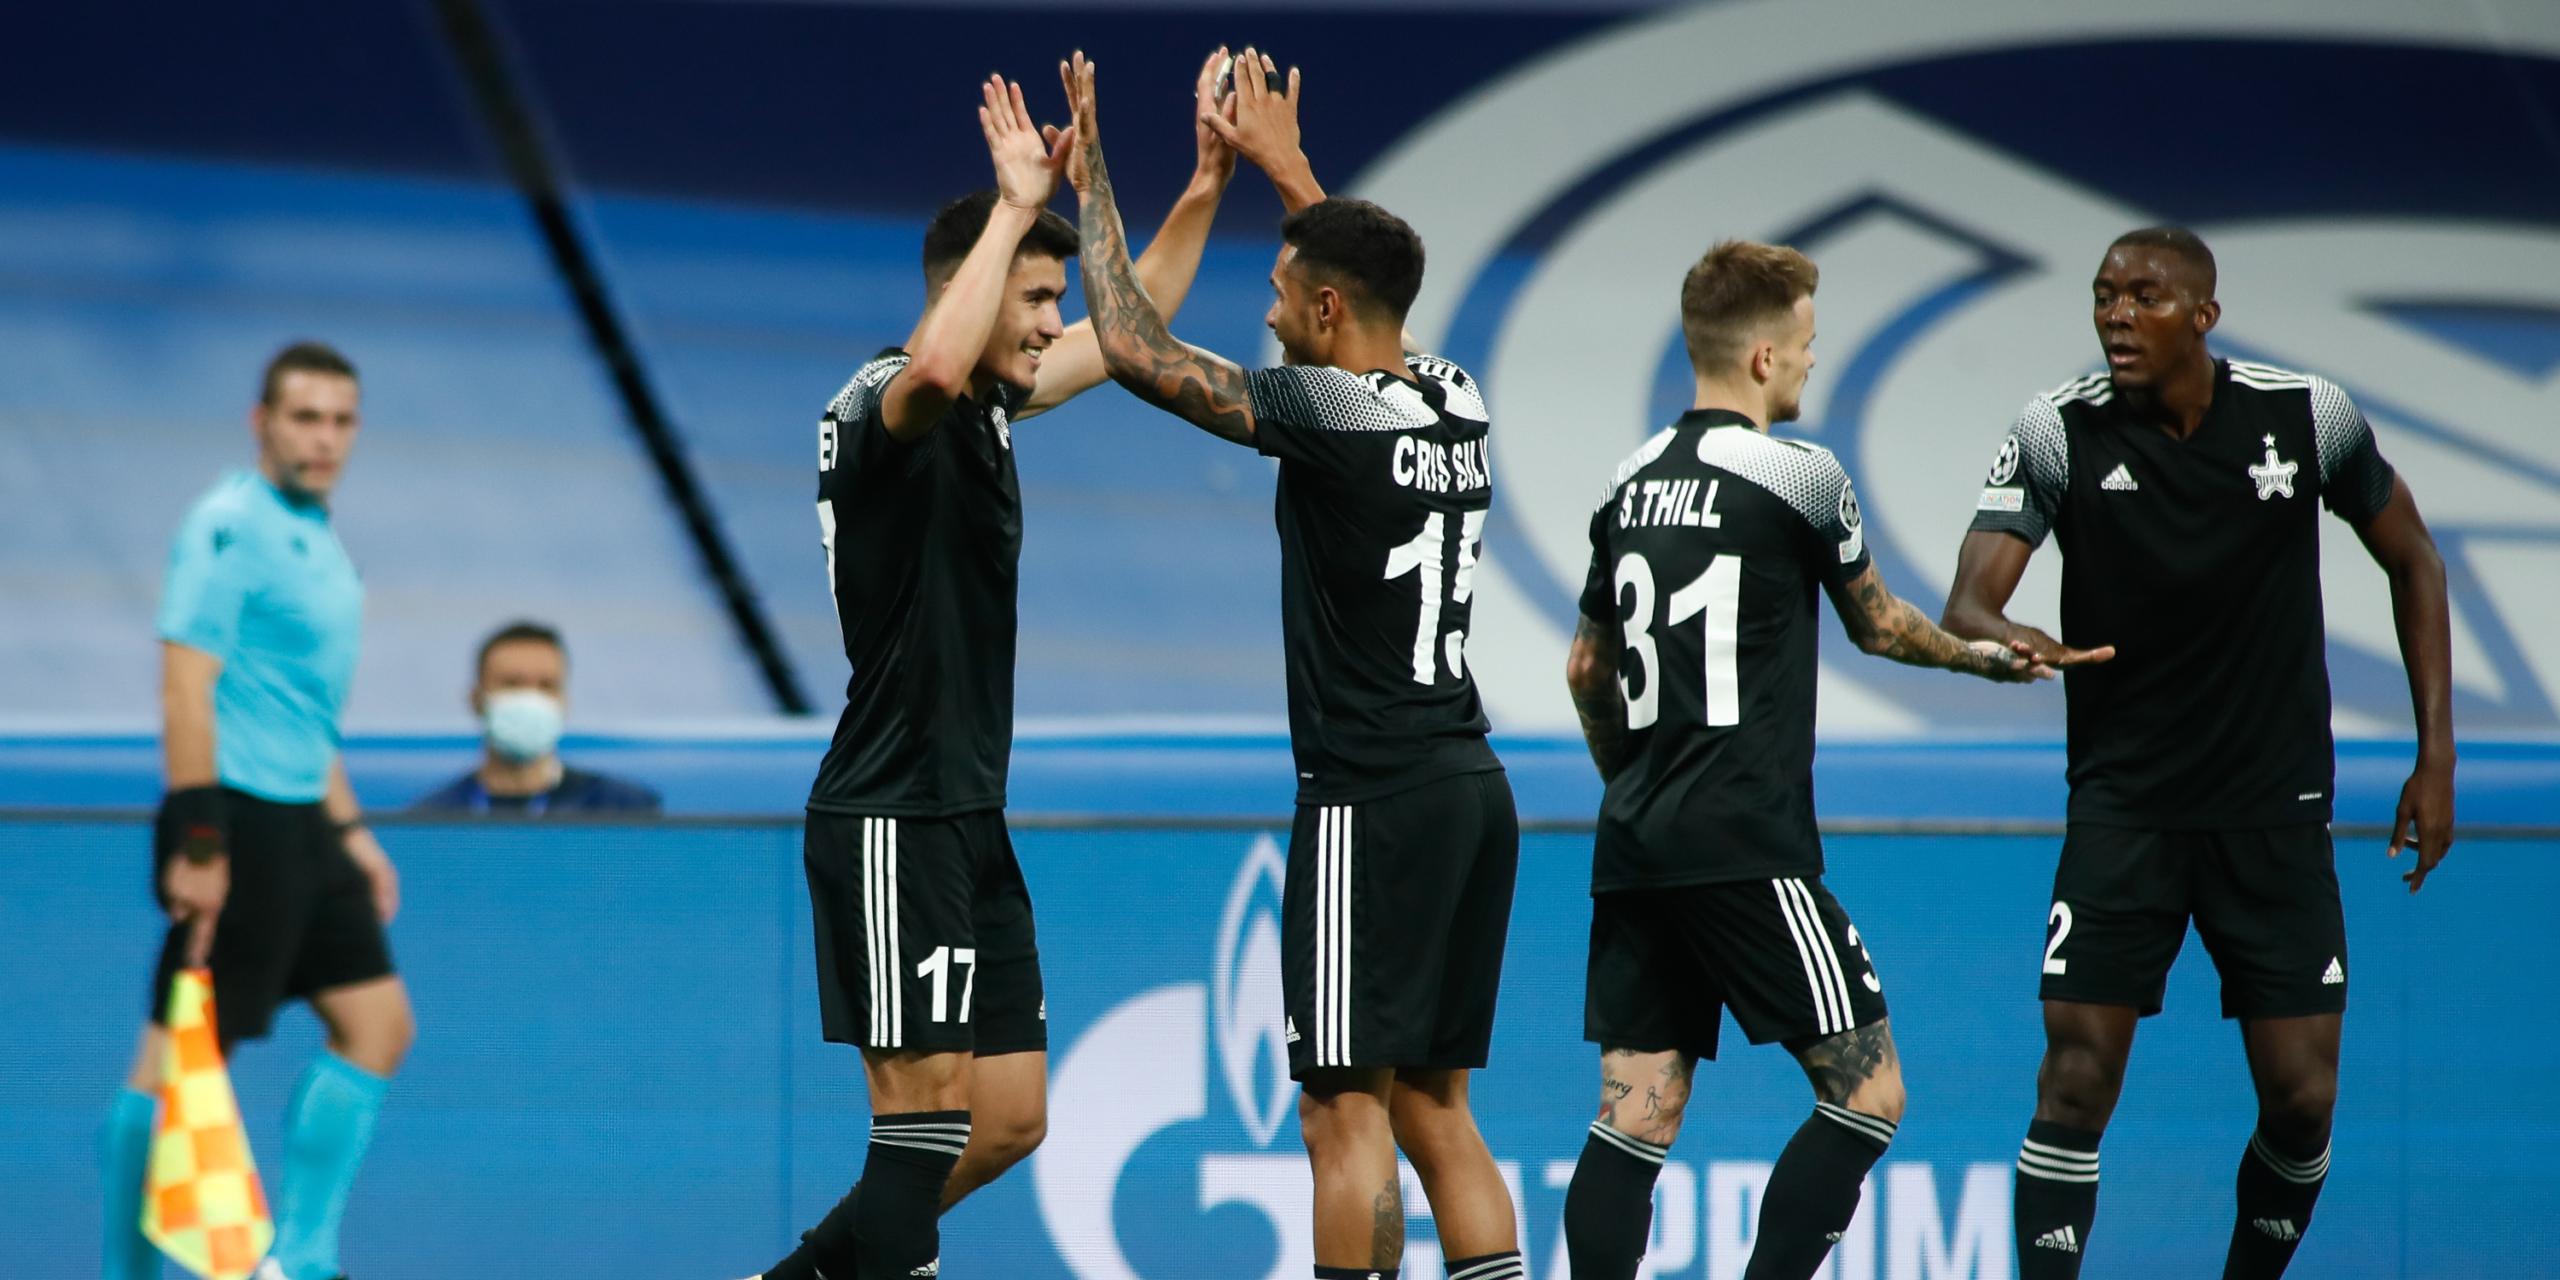 Els jugadors del Sheriff celebren un gol al Santiago Bernabéu | Europa Press